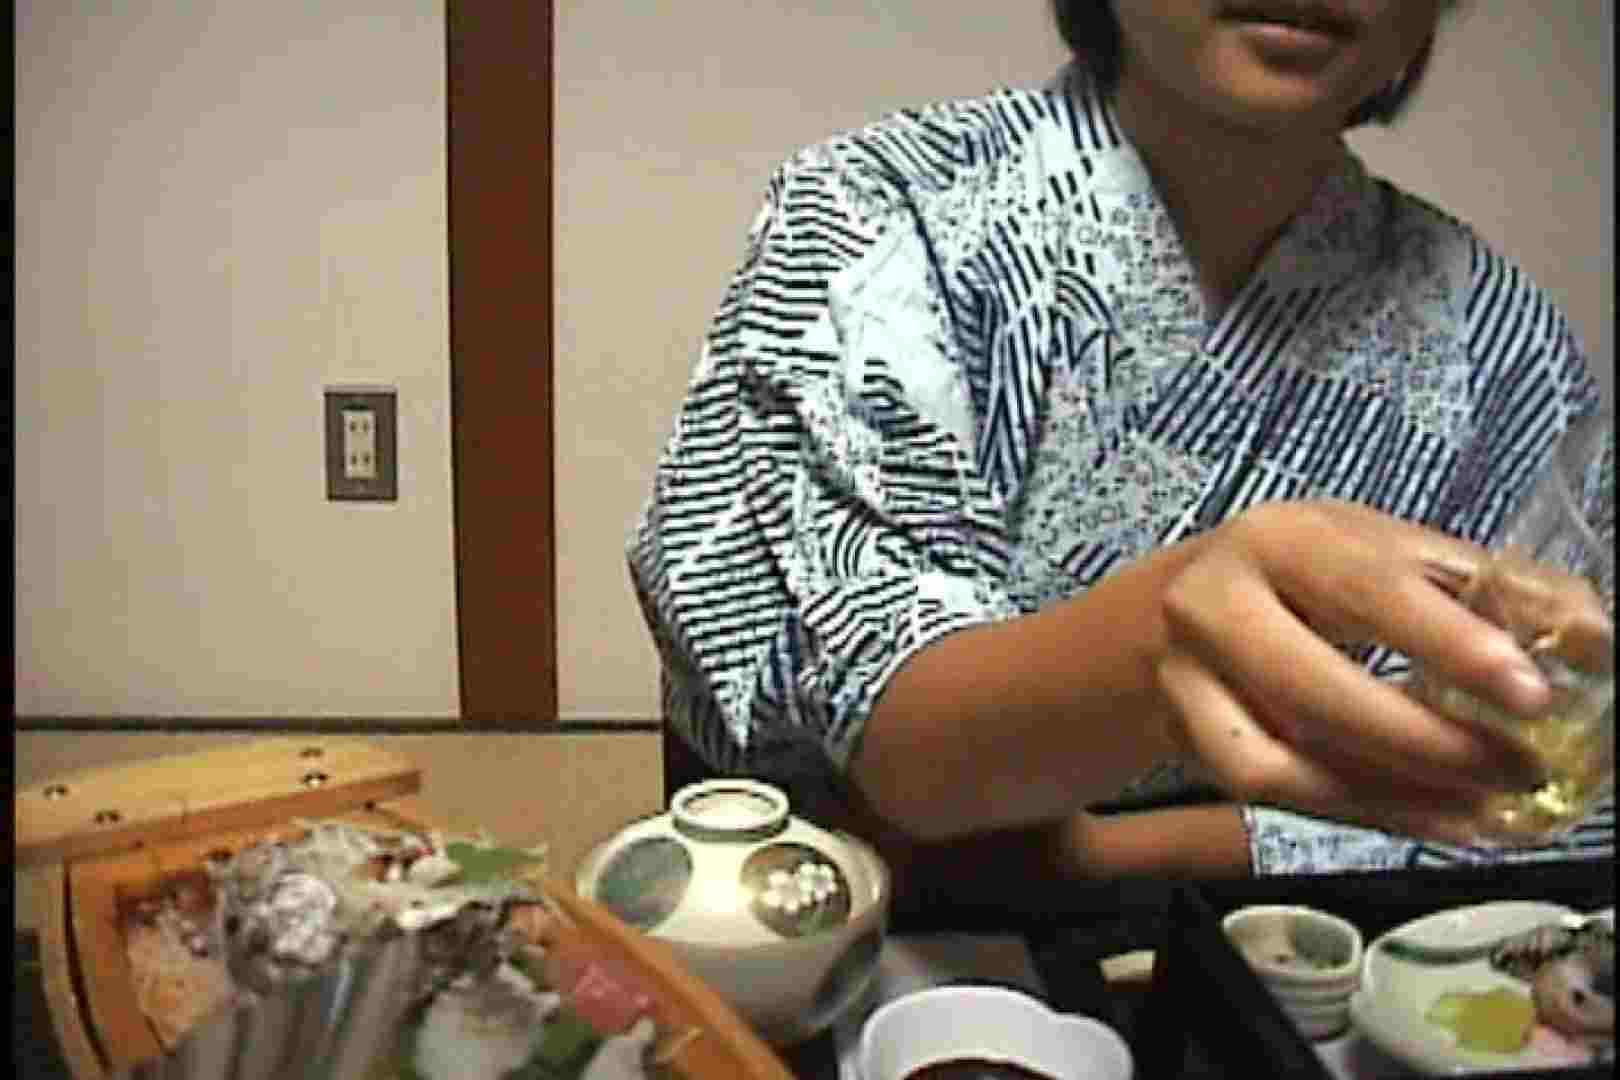 いっくんの調教! 18歳変態レズっ子えこちゃんシリーズVol.2 レズ | 独身エッチOL  89pic 13